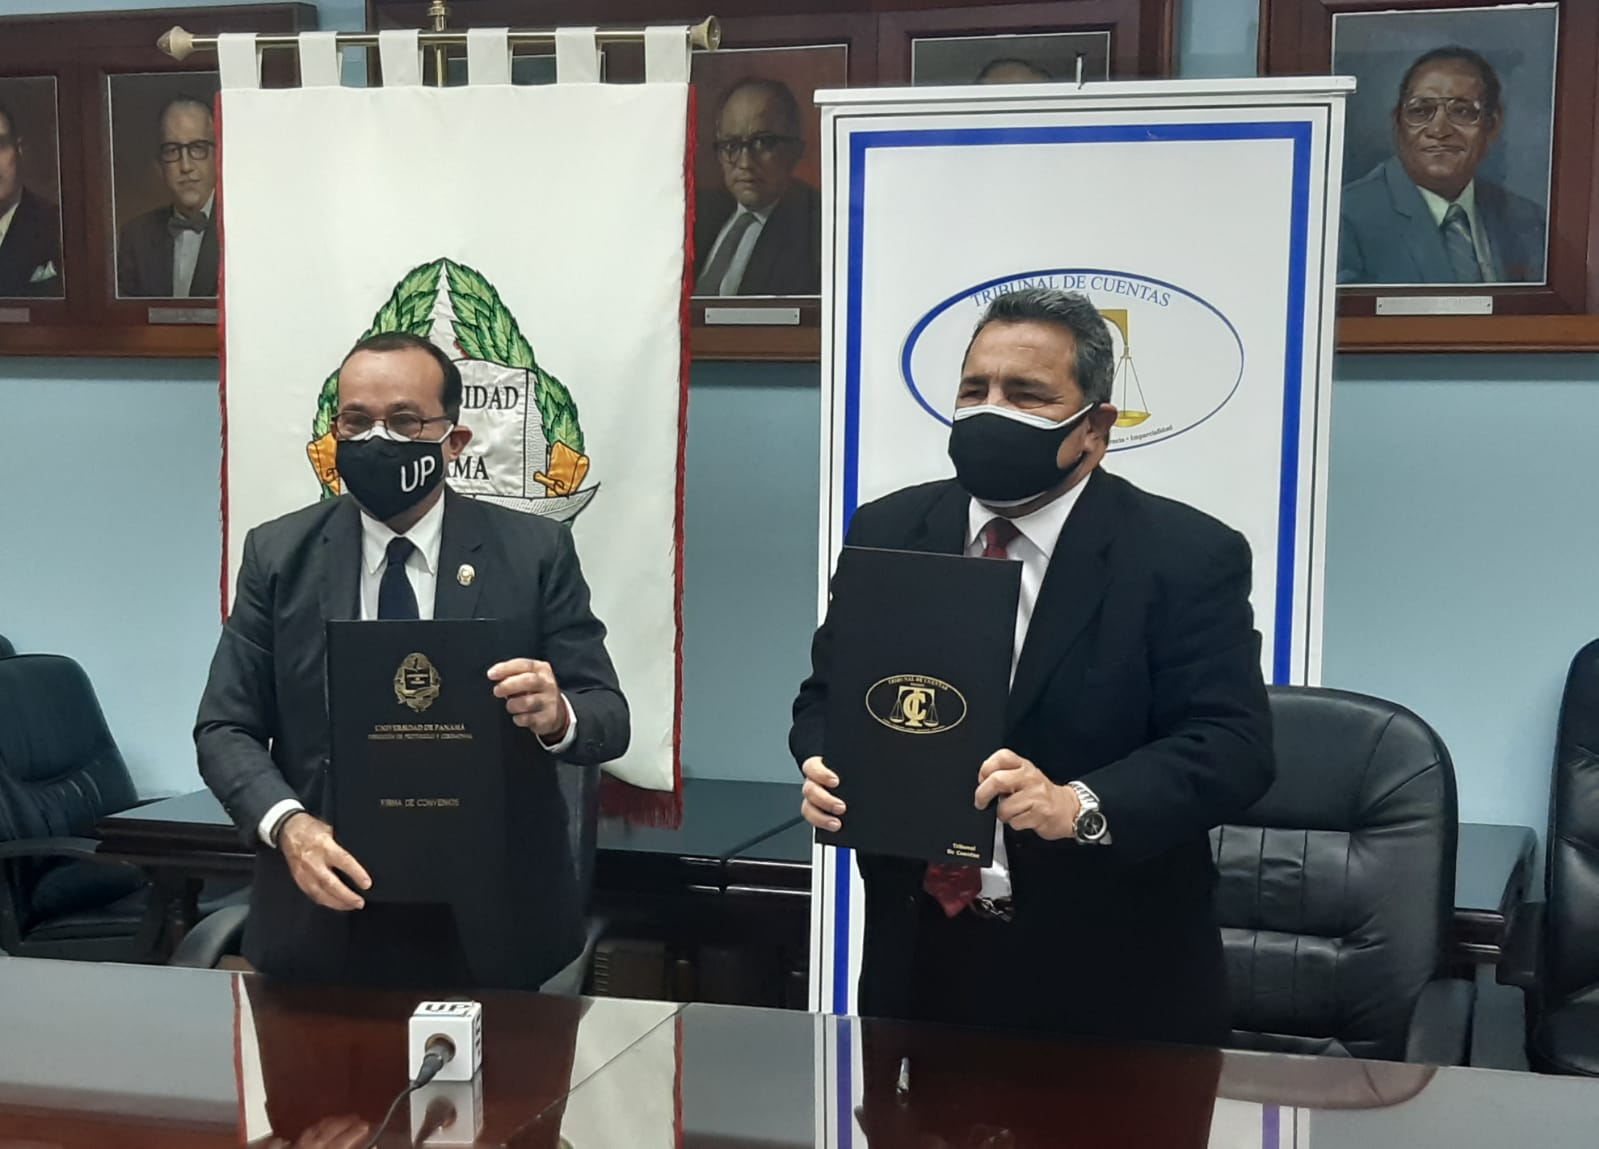 El acuerdo busca el desarrollo de proyectos, asesorías, investigaciones, capacitaciones, entre otros. Foto: Cortesía